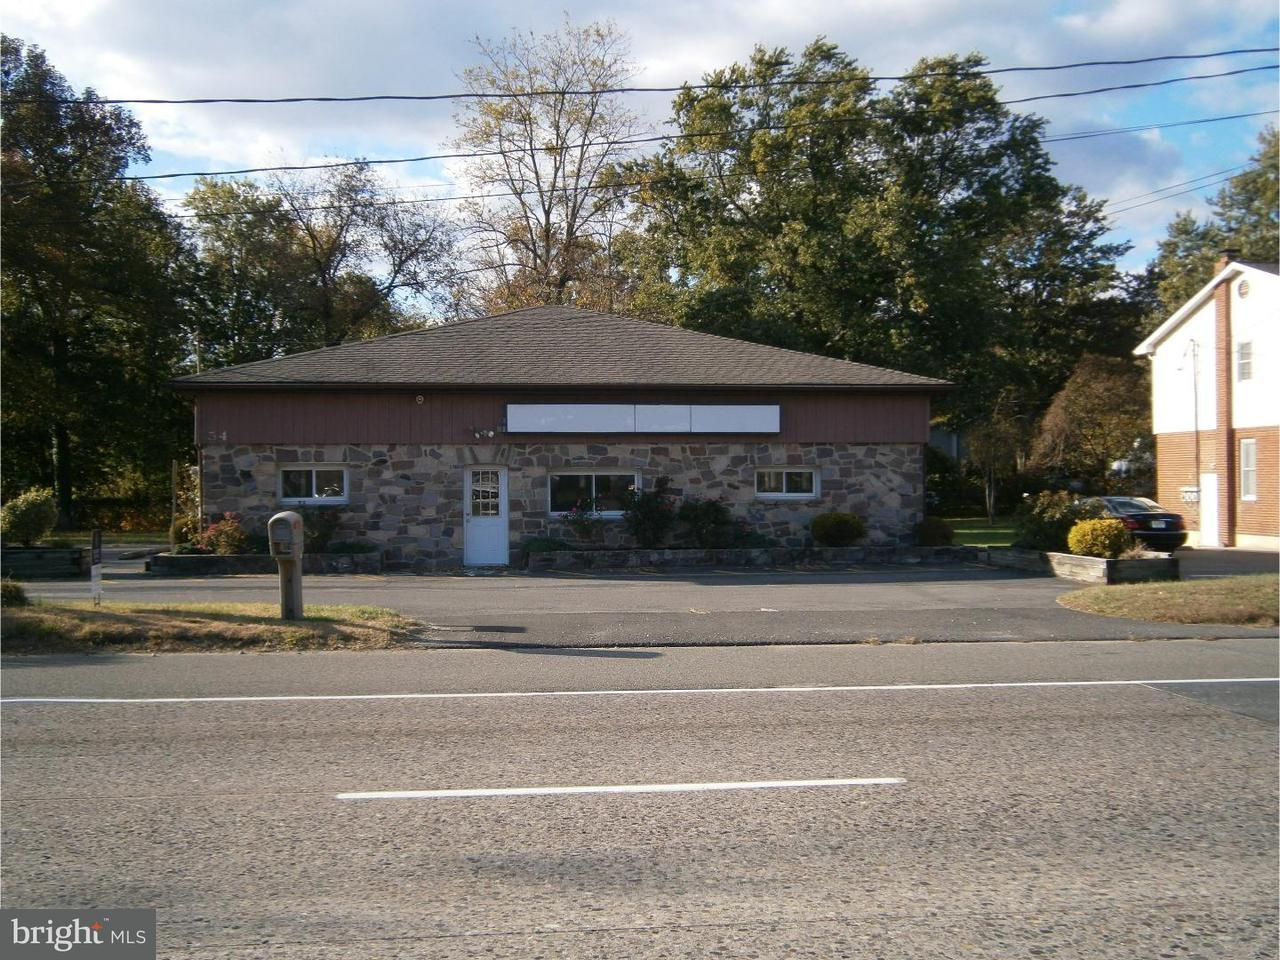 独户住宅 为 销售 在 54 ROUTE 130 波登镇, 新泽西州 08620 美国